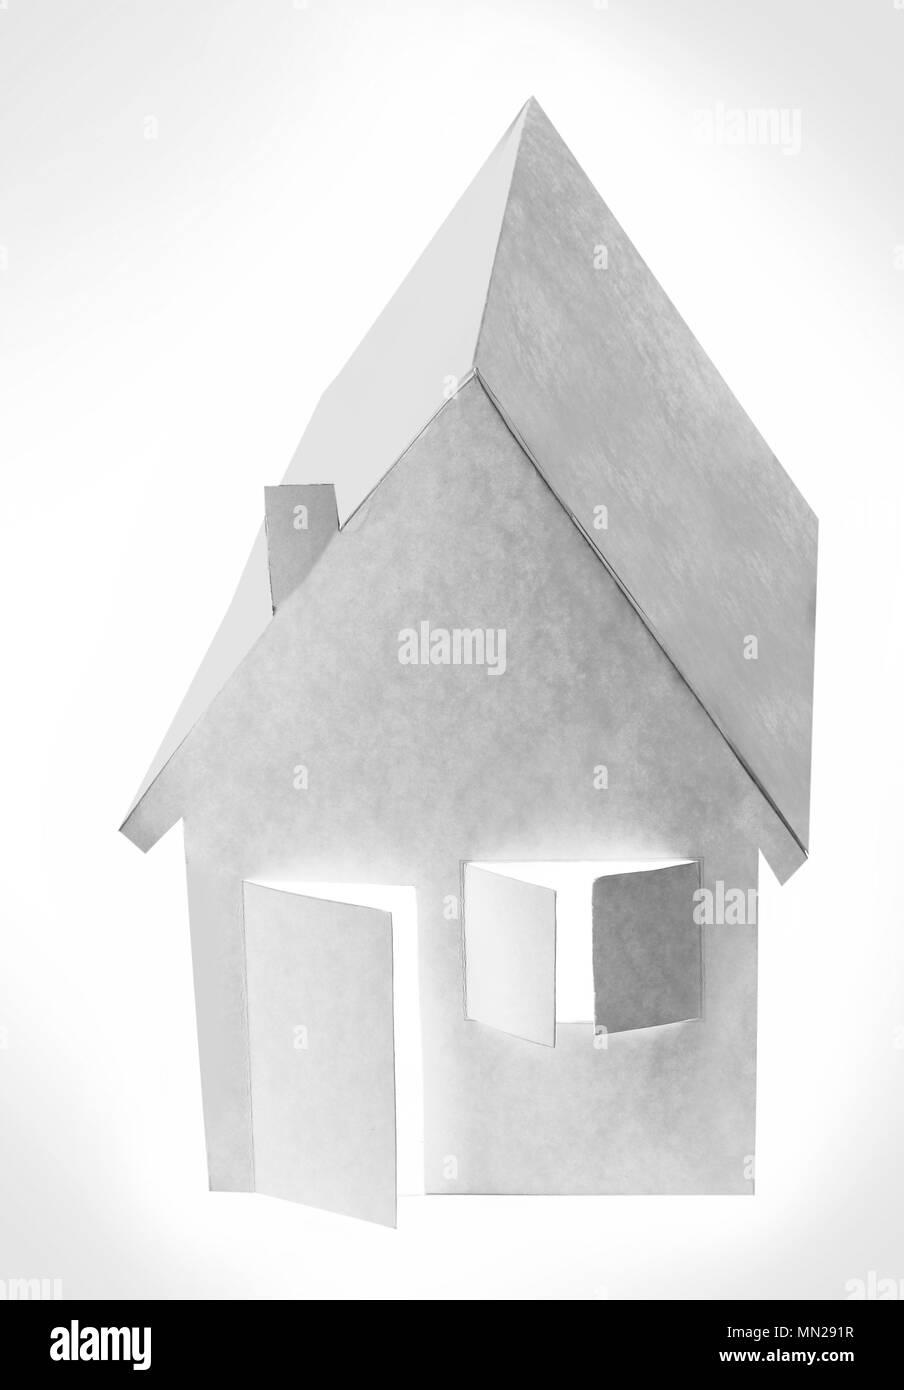 Maison de papier sur un fond blanc avec rétro-éclairage sur la fenêtre et portes Photo Stock